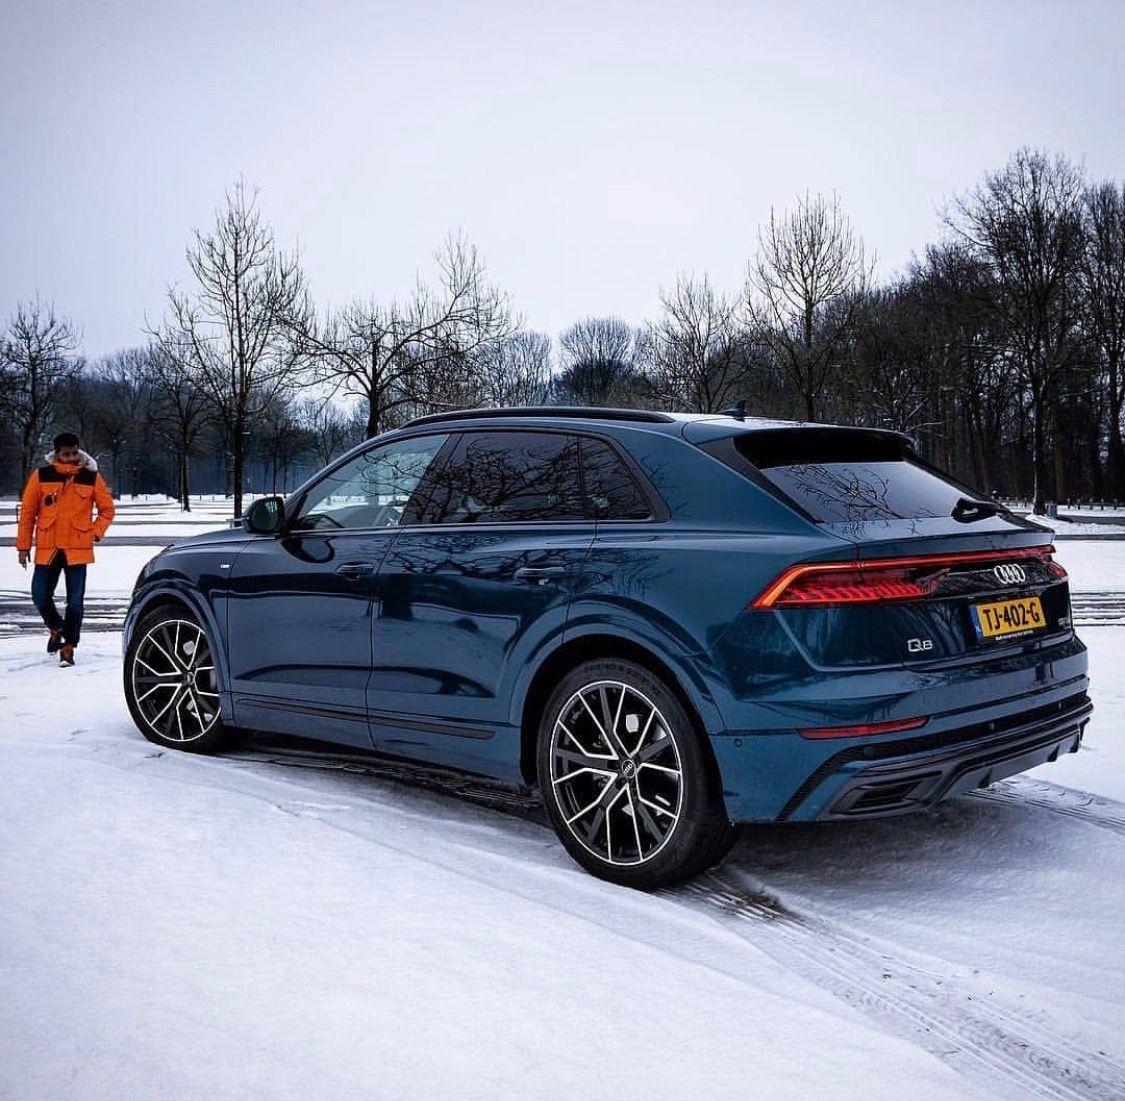 Audi Q8 Metallic Blue In The Snow Super Luxury Cars Audi Luxury Cars